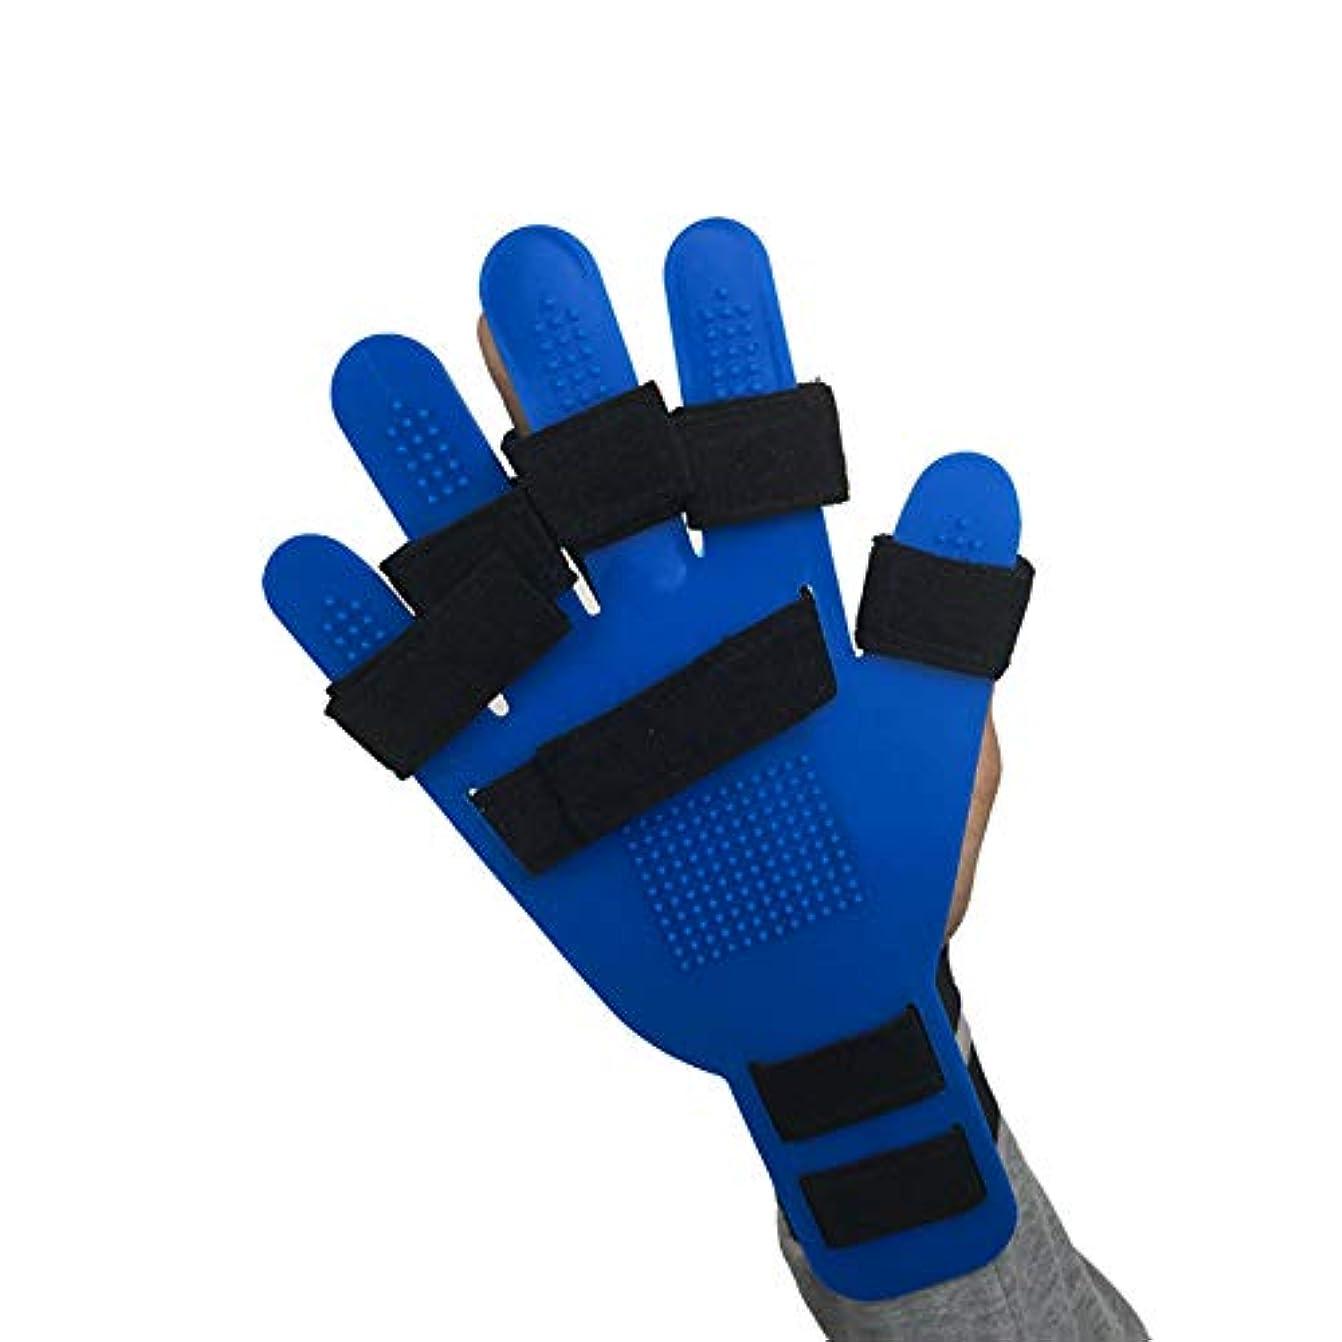 気絶させる食堂テレビ局5本指のセパレータは、手のひらに合うように曲げることができ、指のカーリングを軽減するために使用できます。